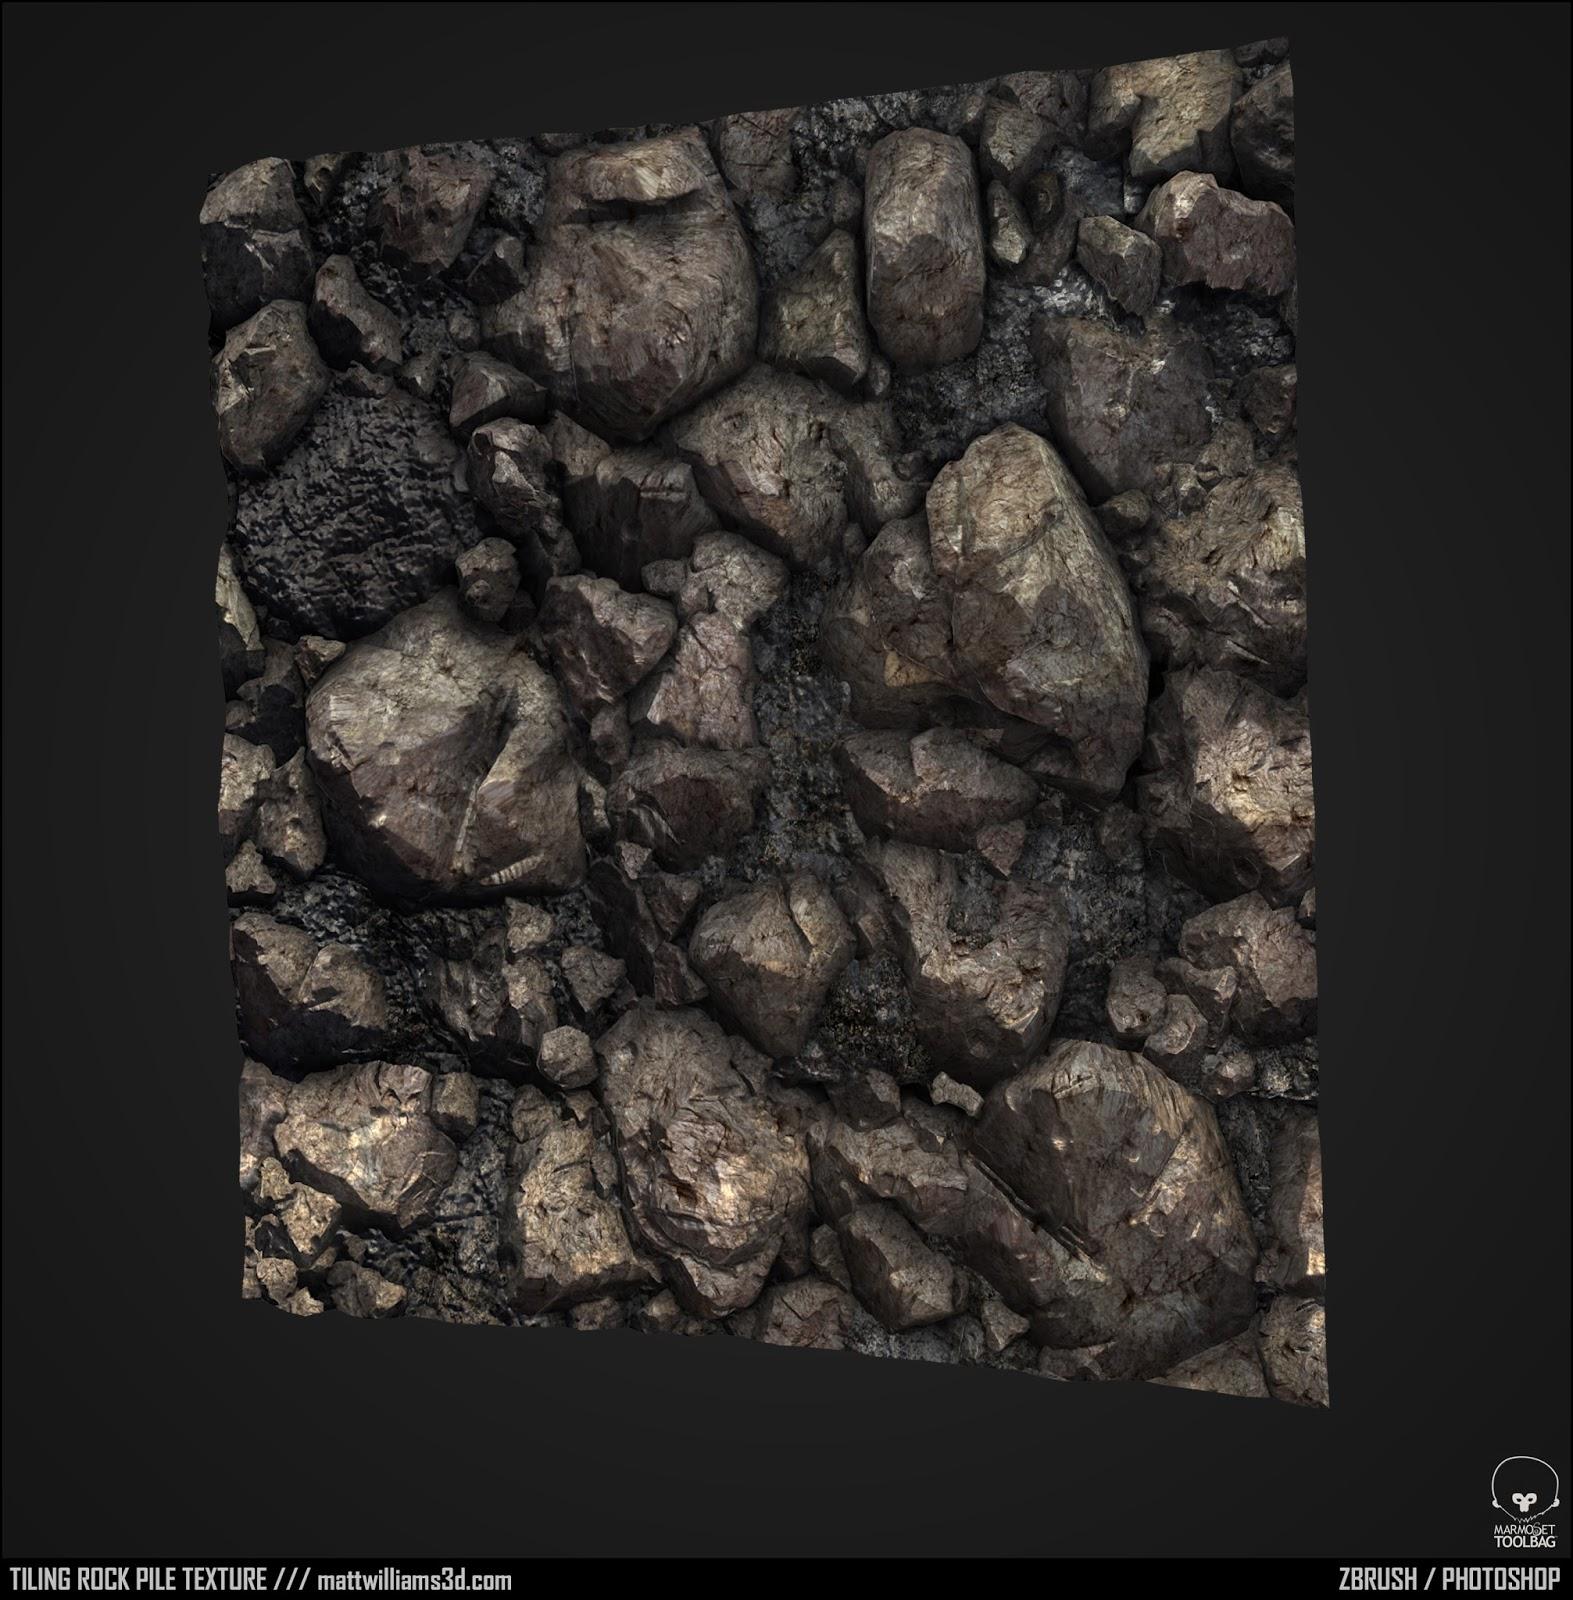 TilingRockPile_LP_HiRes.jpg